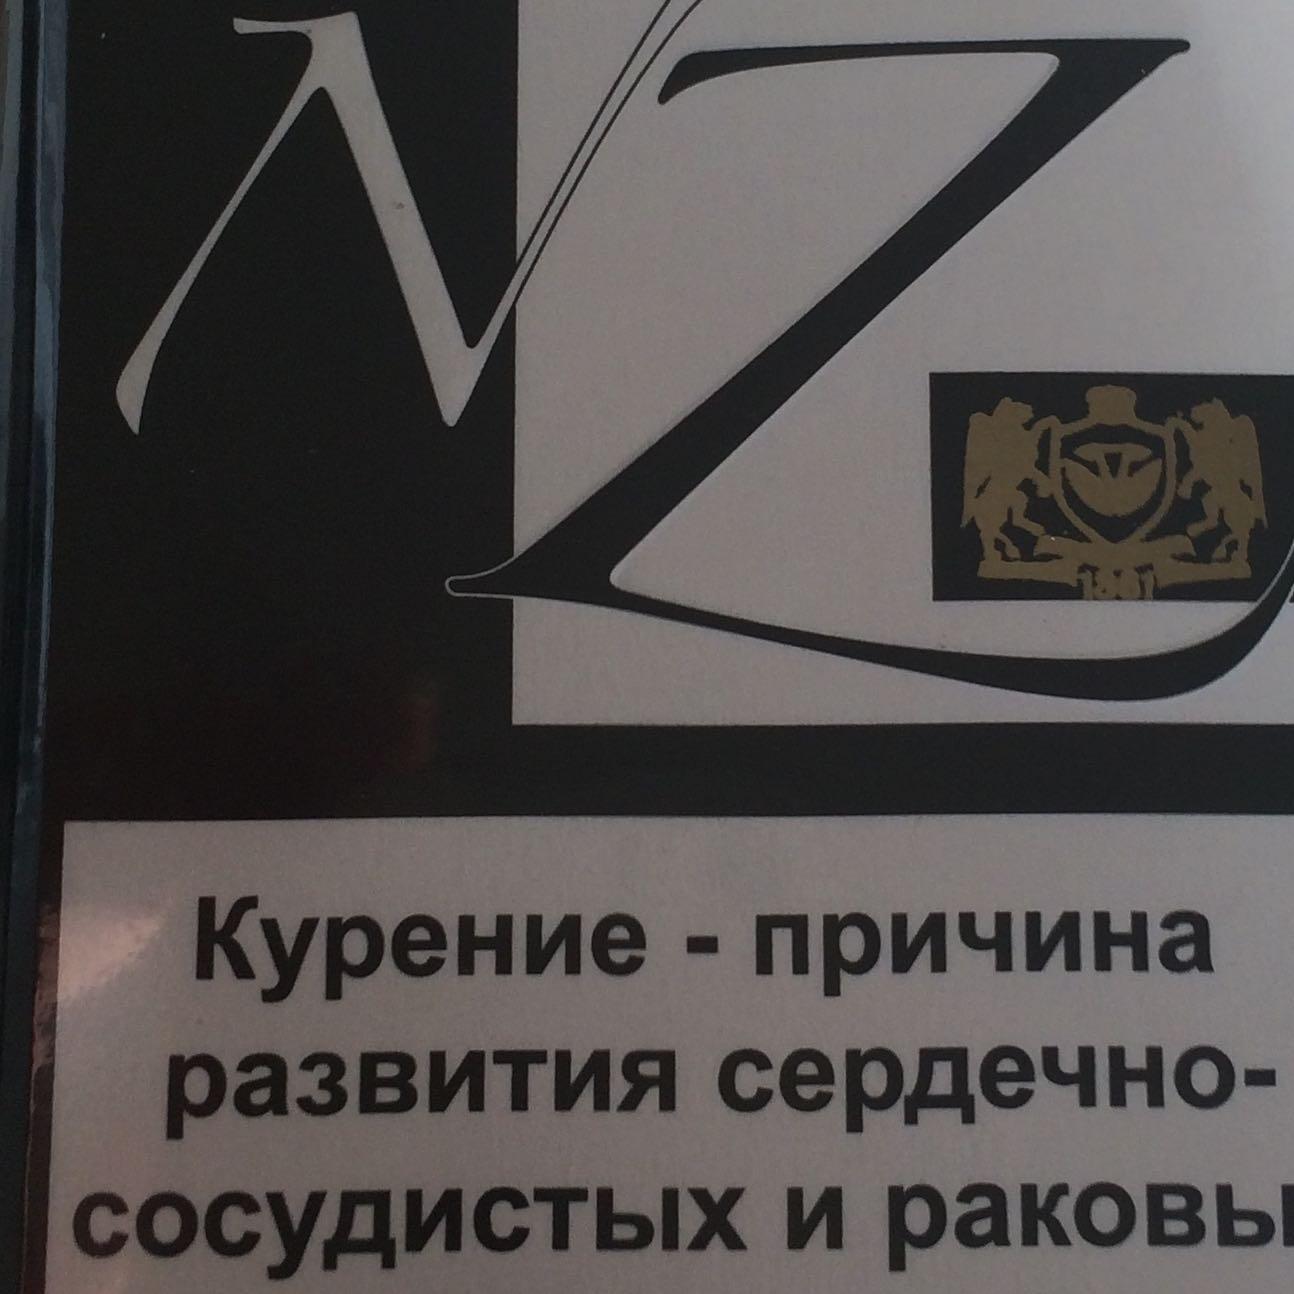 wie teuer sind diese zigaretten in russland preis